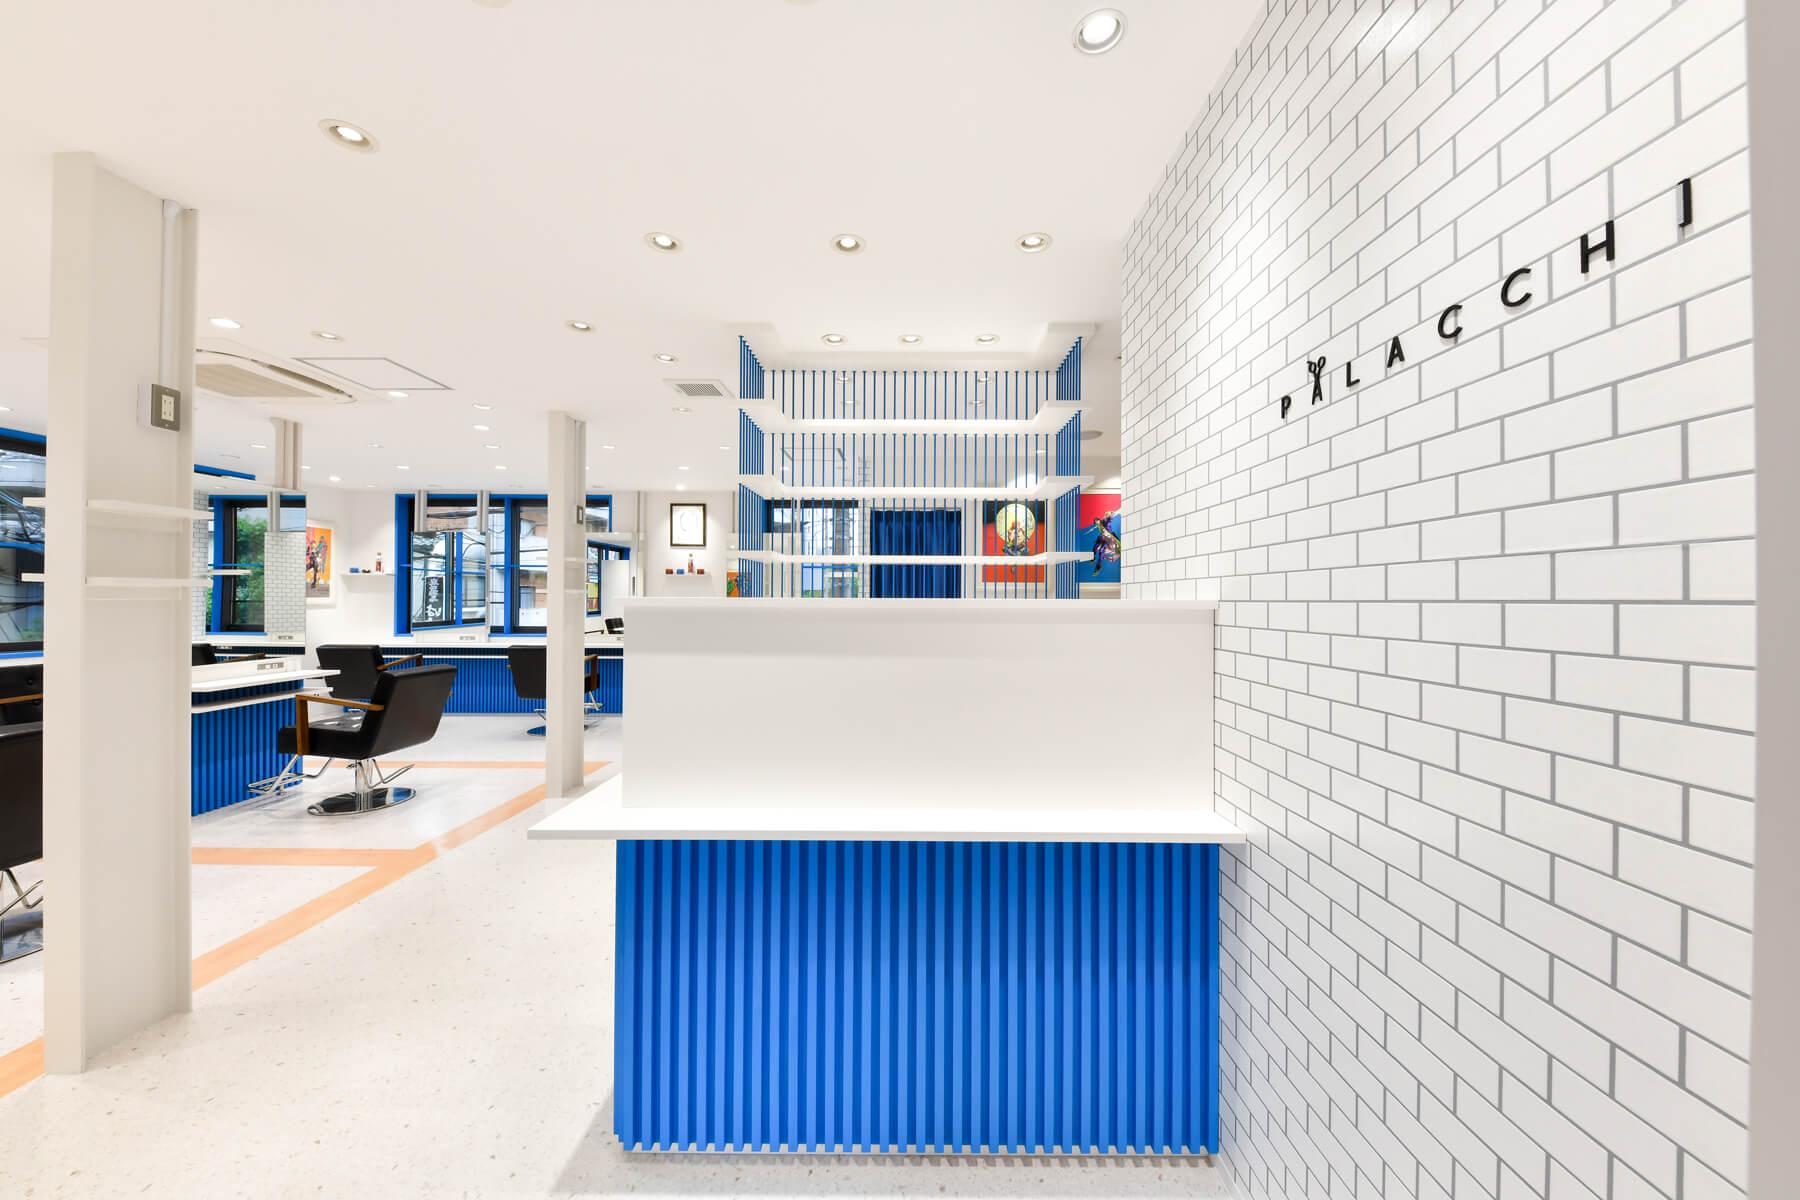 Palacchi 西宮店/Hyogo